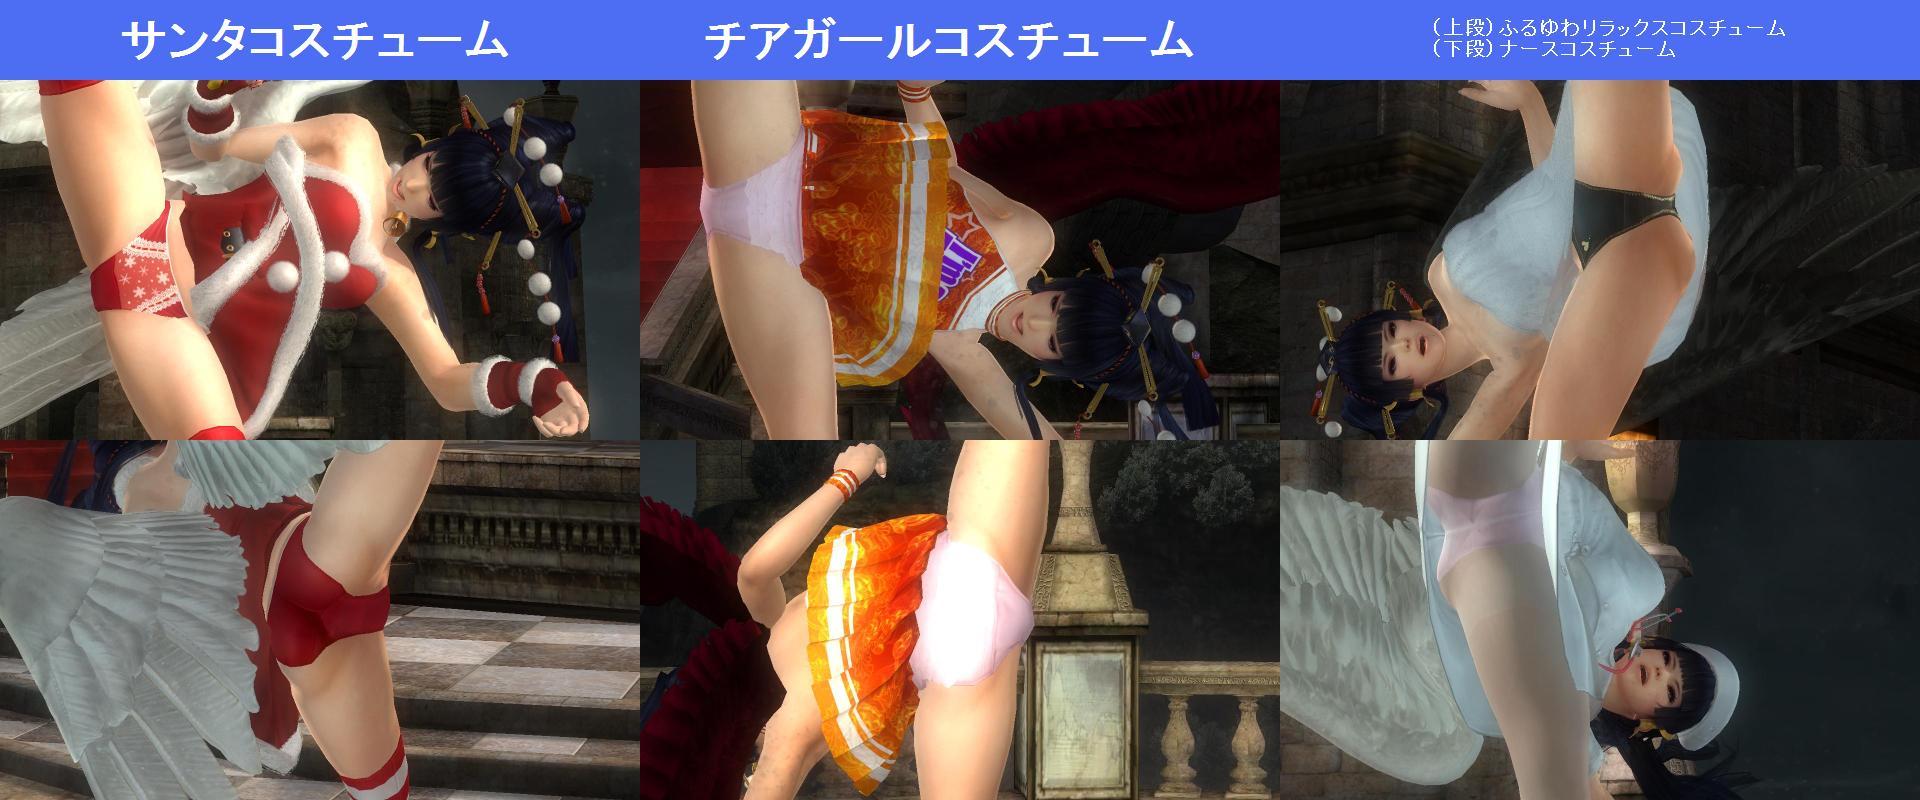 女天狗の下着カラー(DLCコスチューム)